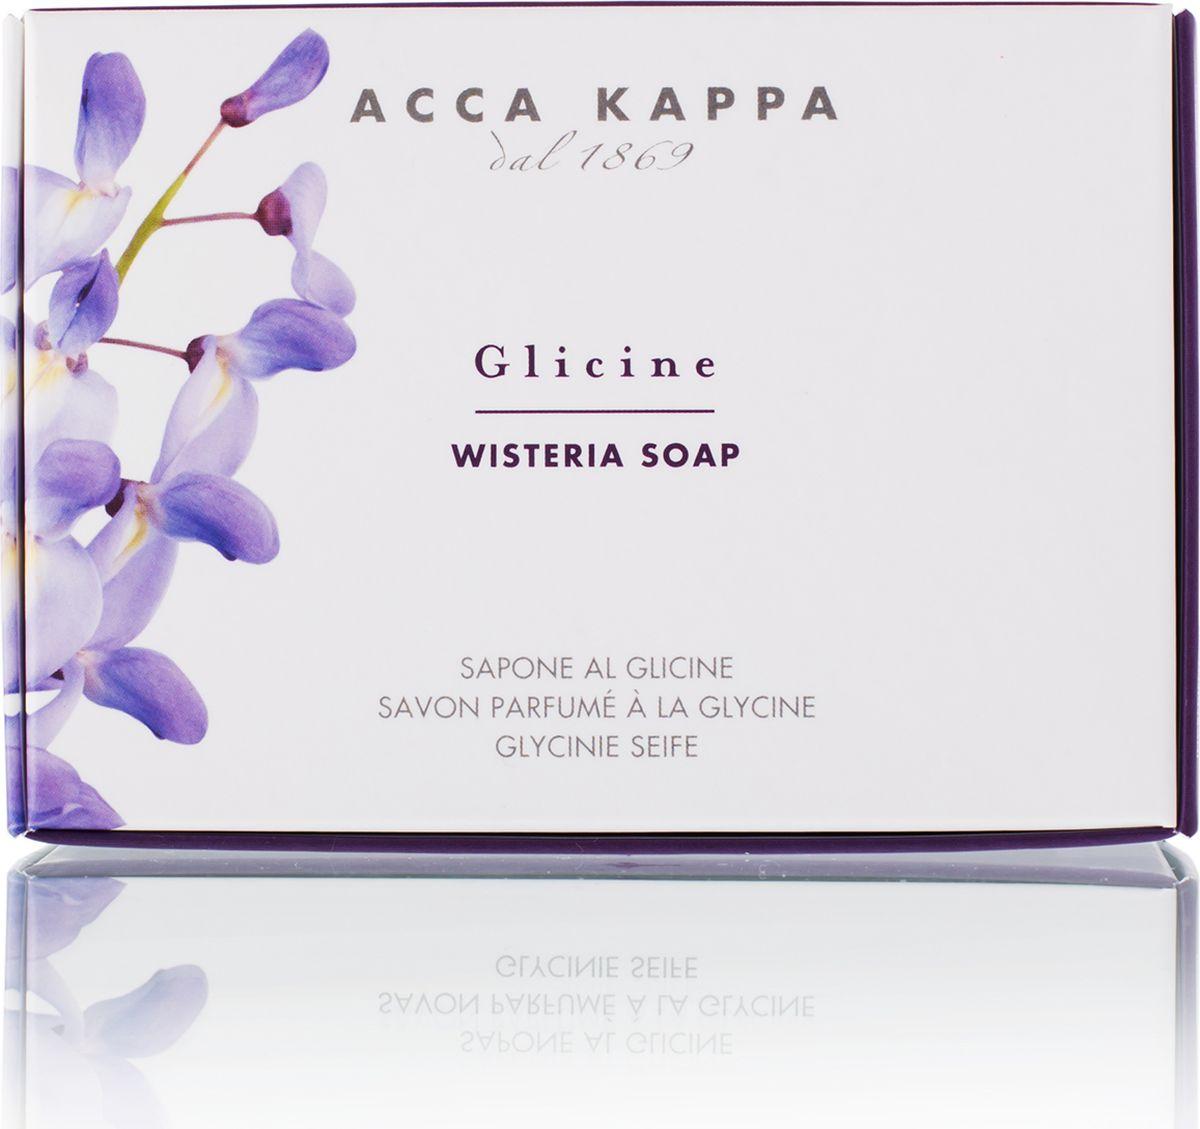 Растительное мыло Acca Kappa Глициния, 150 г853352Растительное мыло Глициния деликатно очищает кожу. Идеально подходит для всех типов кожи. Растительные компоненты получены из кокосового масла и сахарного тростника, прекрасно очищают и увлажняют кожу. Экстракты мелиссы лимонной, омелы, ромашки, тысячелистника и хмеля известны своими противовоспалительными свойствами и превосходно дополняют формулу. Так же мыло обогащено аллантоином растительного происхождения, которое обладает заживляющими свойствами и способствует регенерации клеток. Характеристики:Вес: 150 г. Производитель: Италия.Товар сертифицирован.